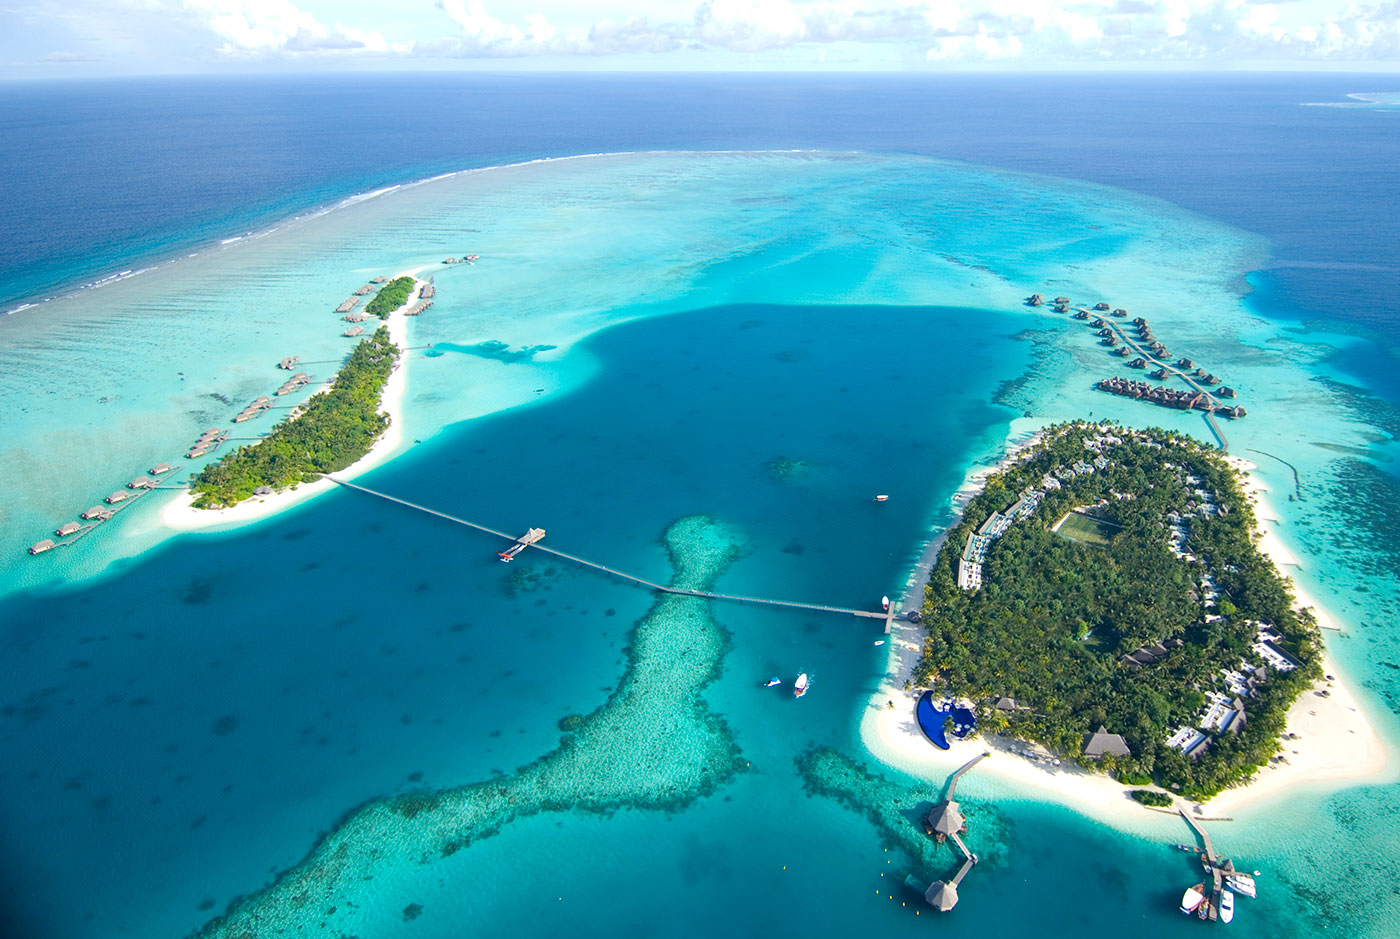 Maldivernas många atoller bjuder på dykning och snorkelsim i världsklass.